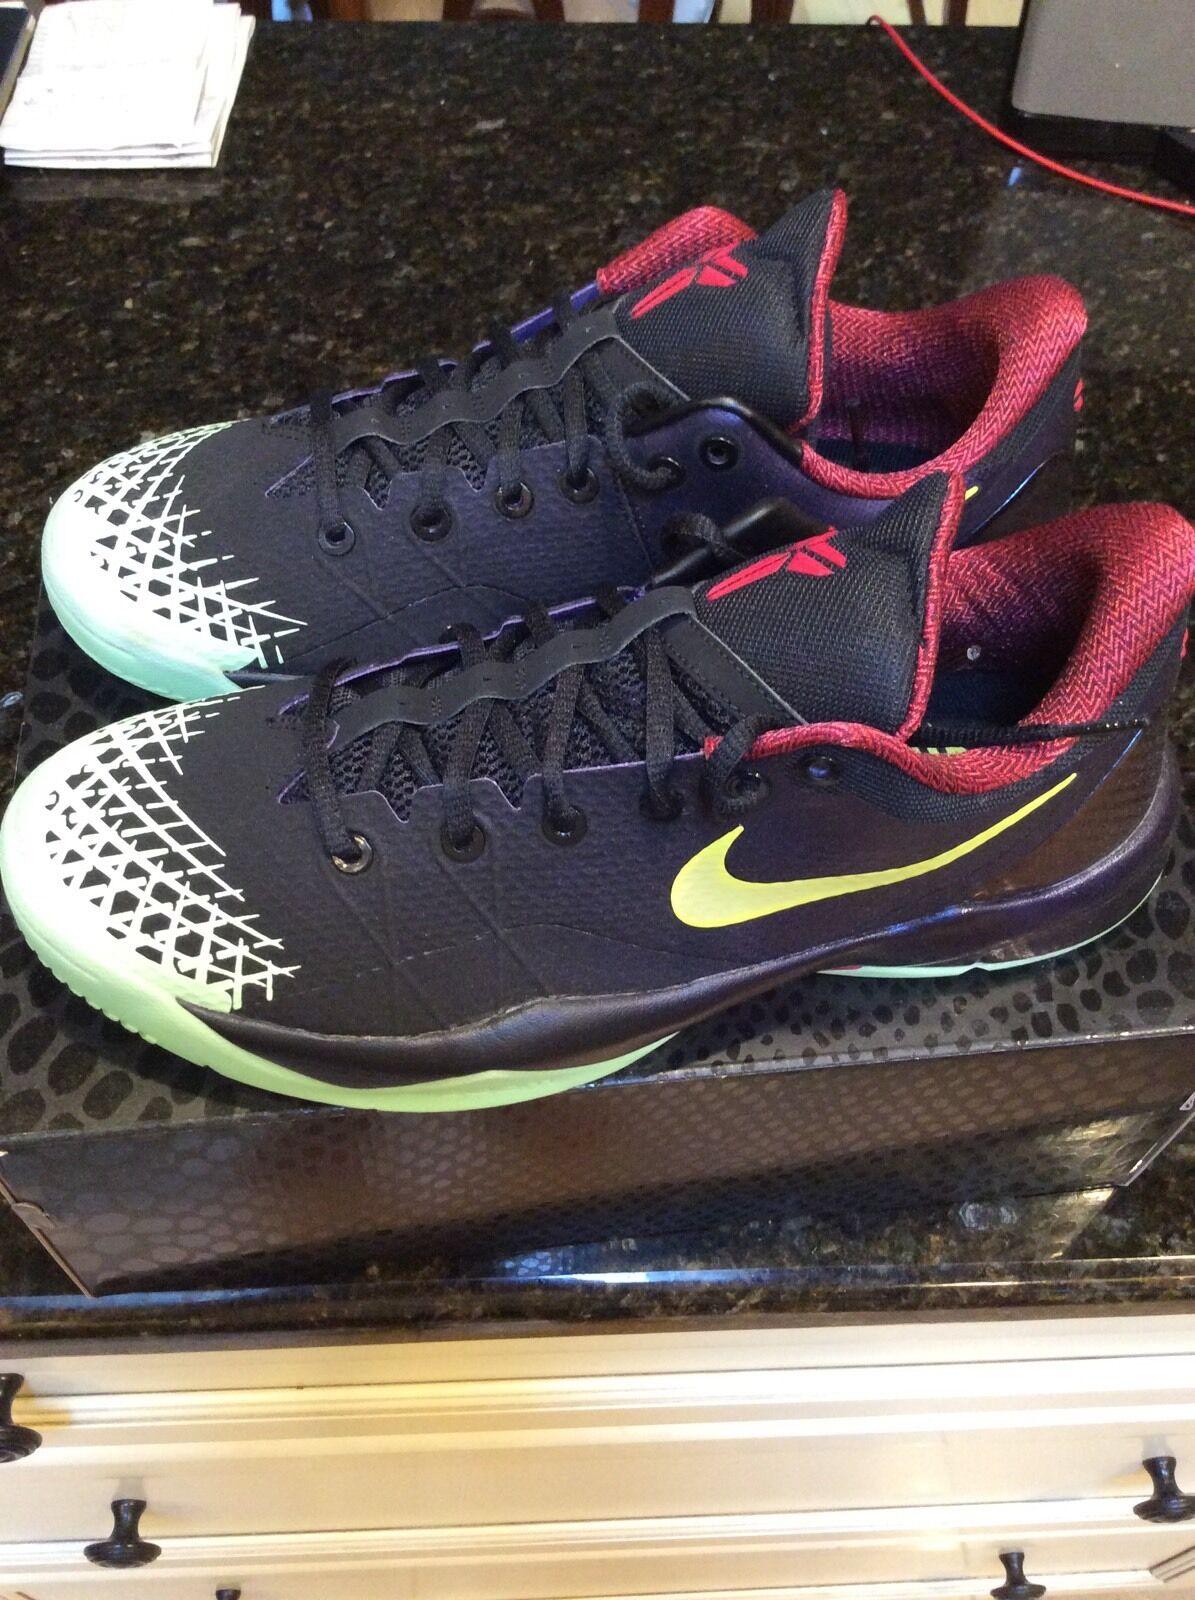 Nike Zoom Kobe Venomenon 4 IV Glow In The Dark DS Size 11 Black Lemon Purple